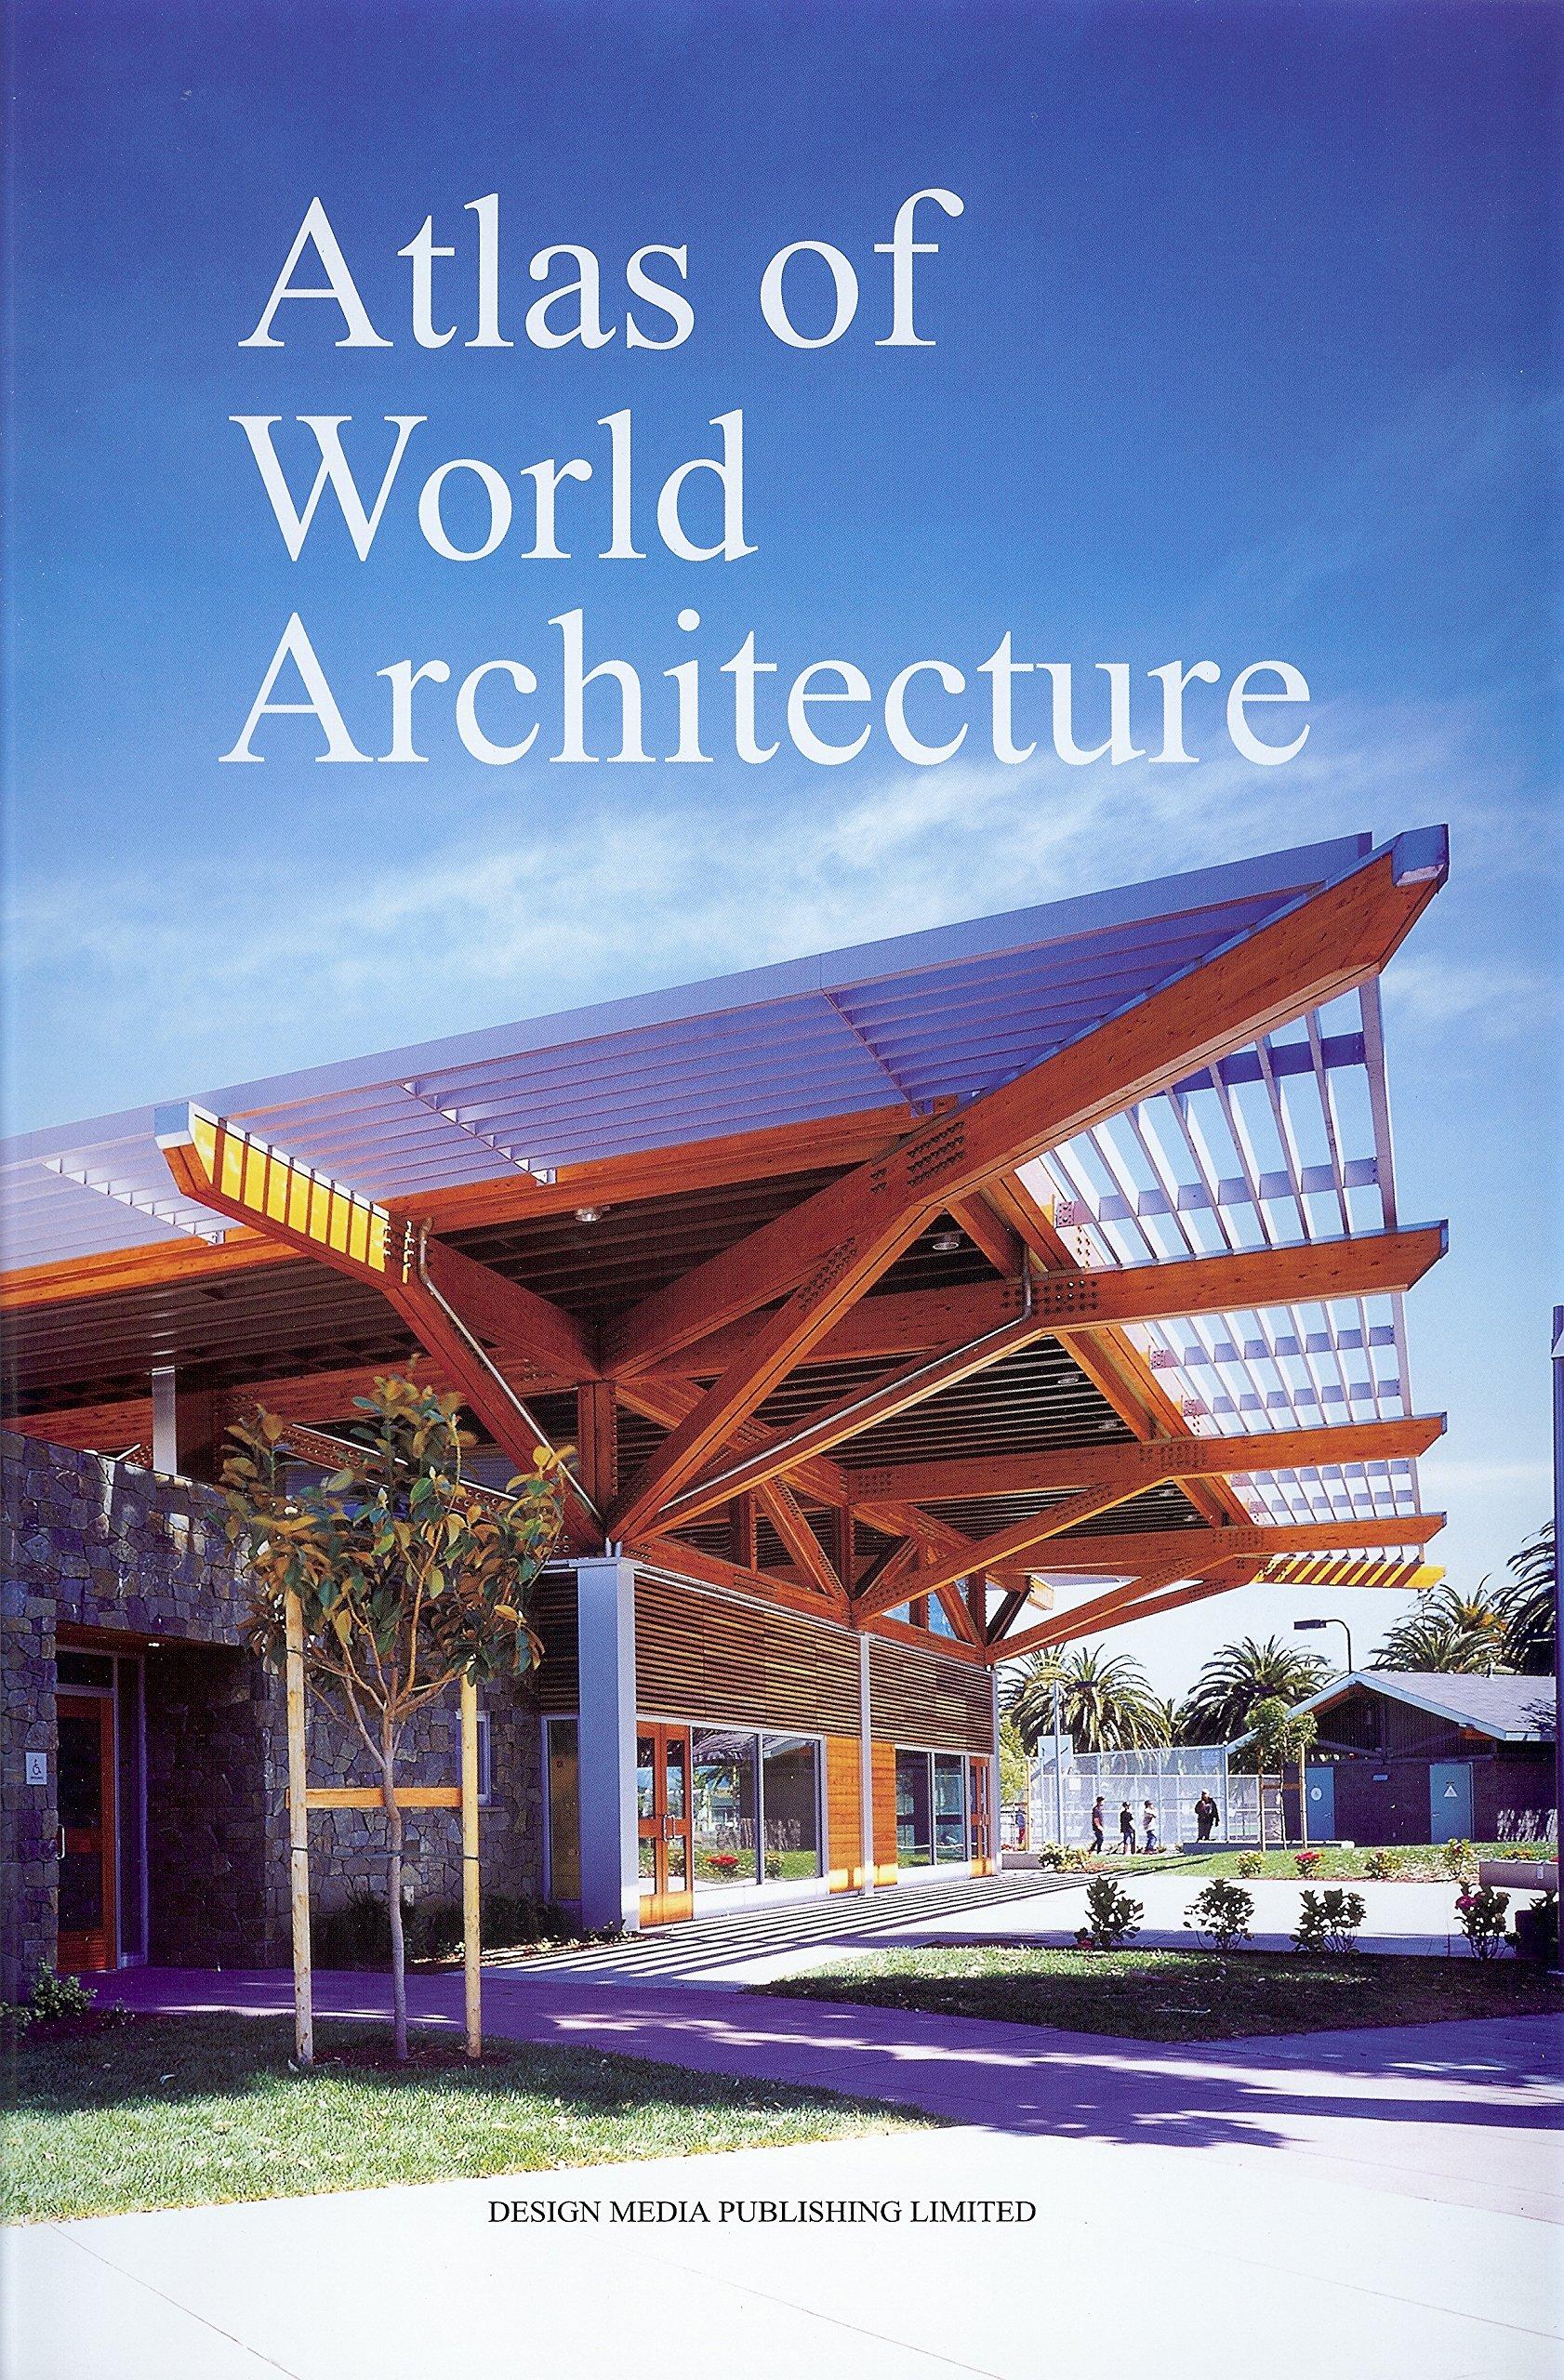 Atlas Of World Architecture Yang Wu 9789881973979 Books Amazon Ca